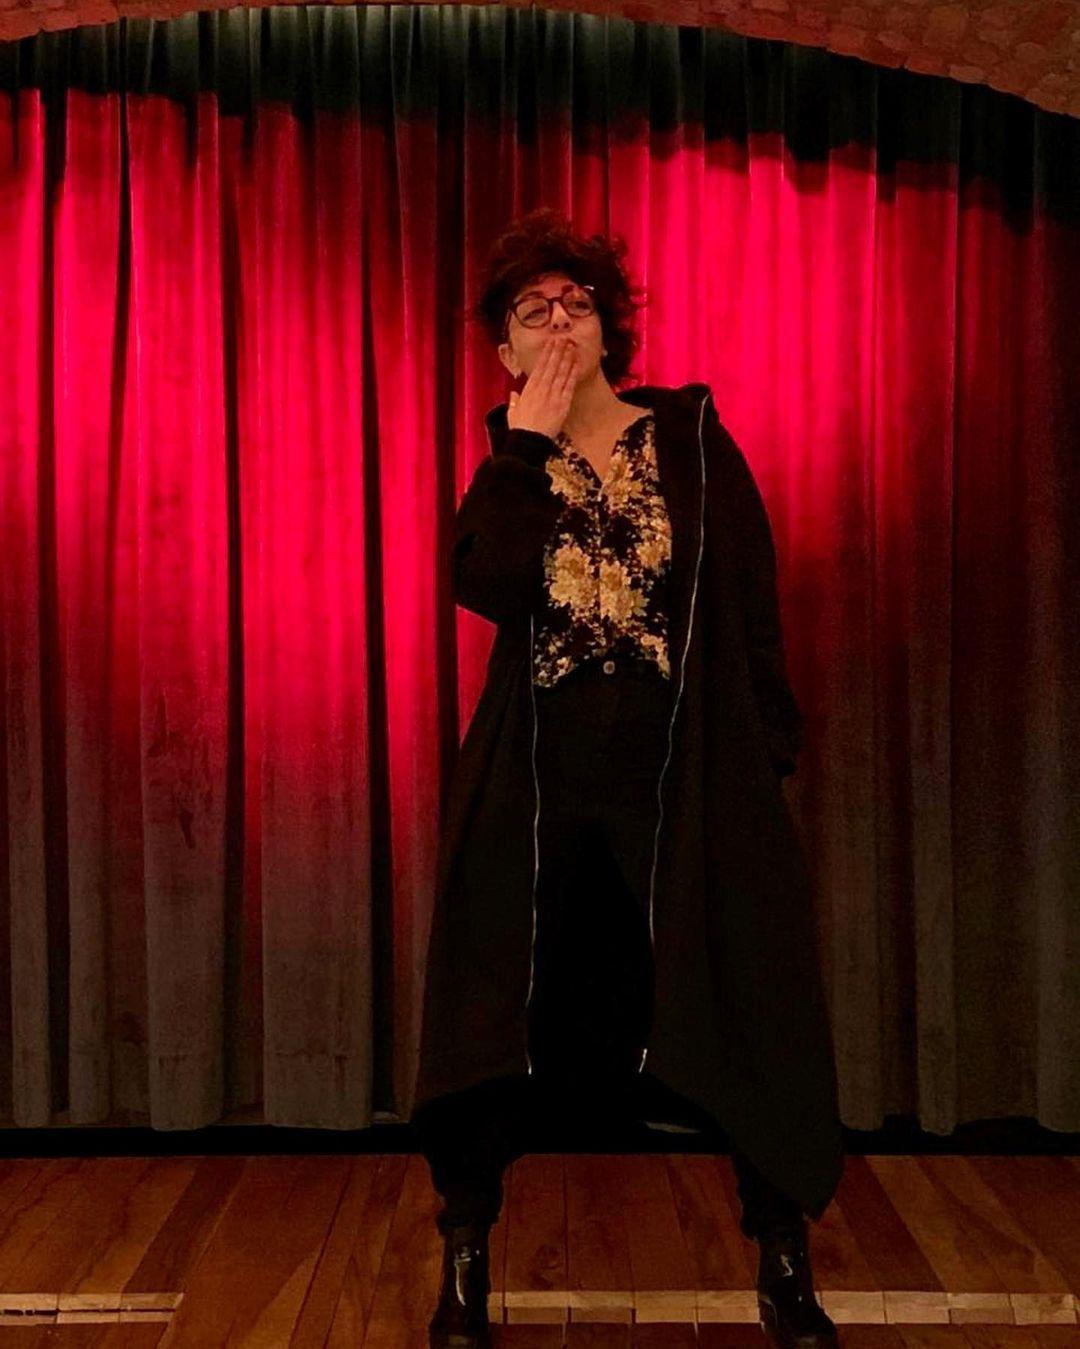 Mulher sobre um palco com uma cortina vermelha atrás